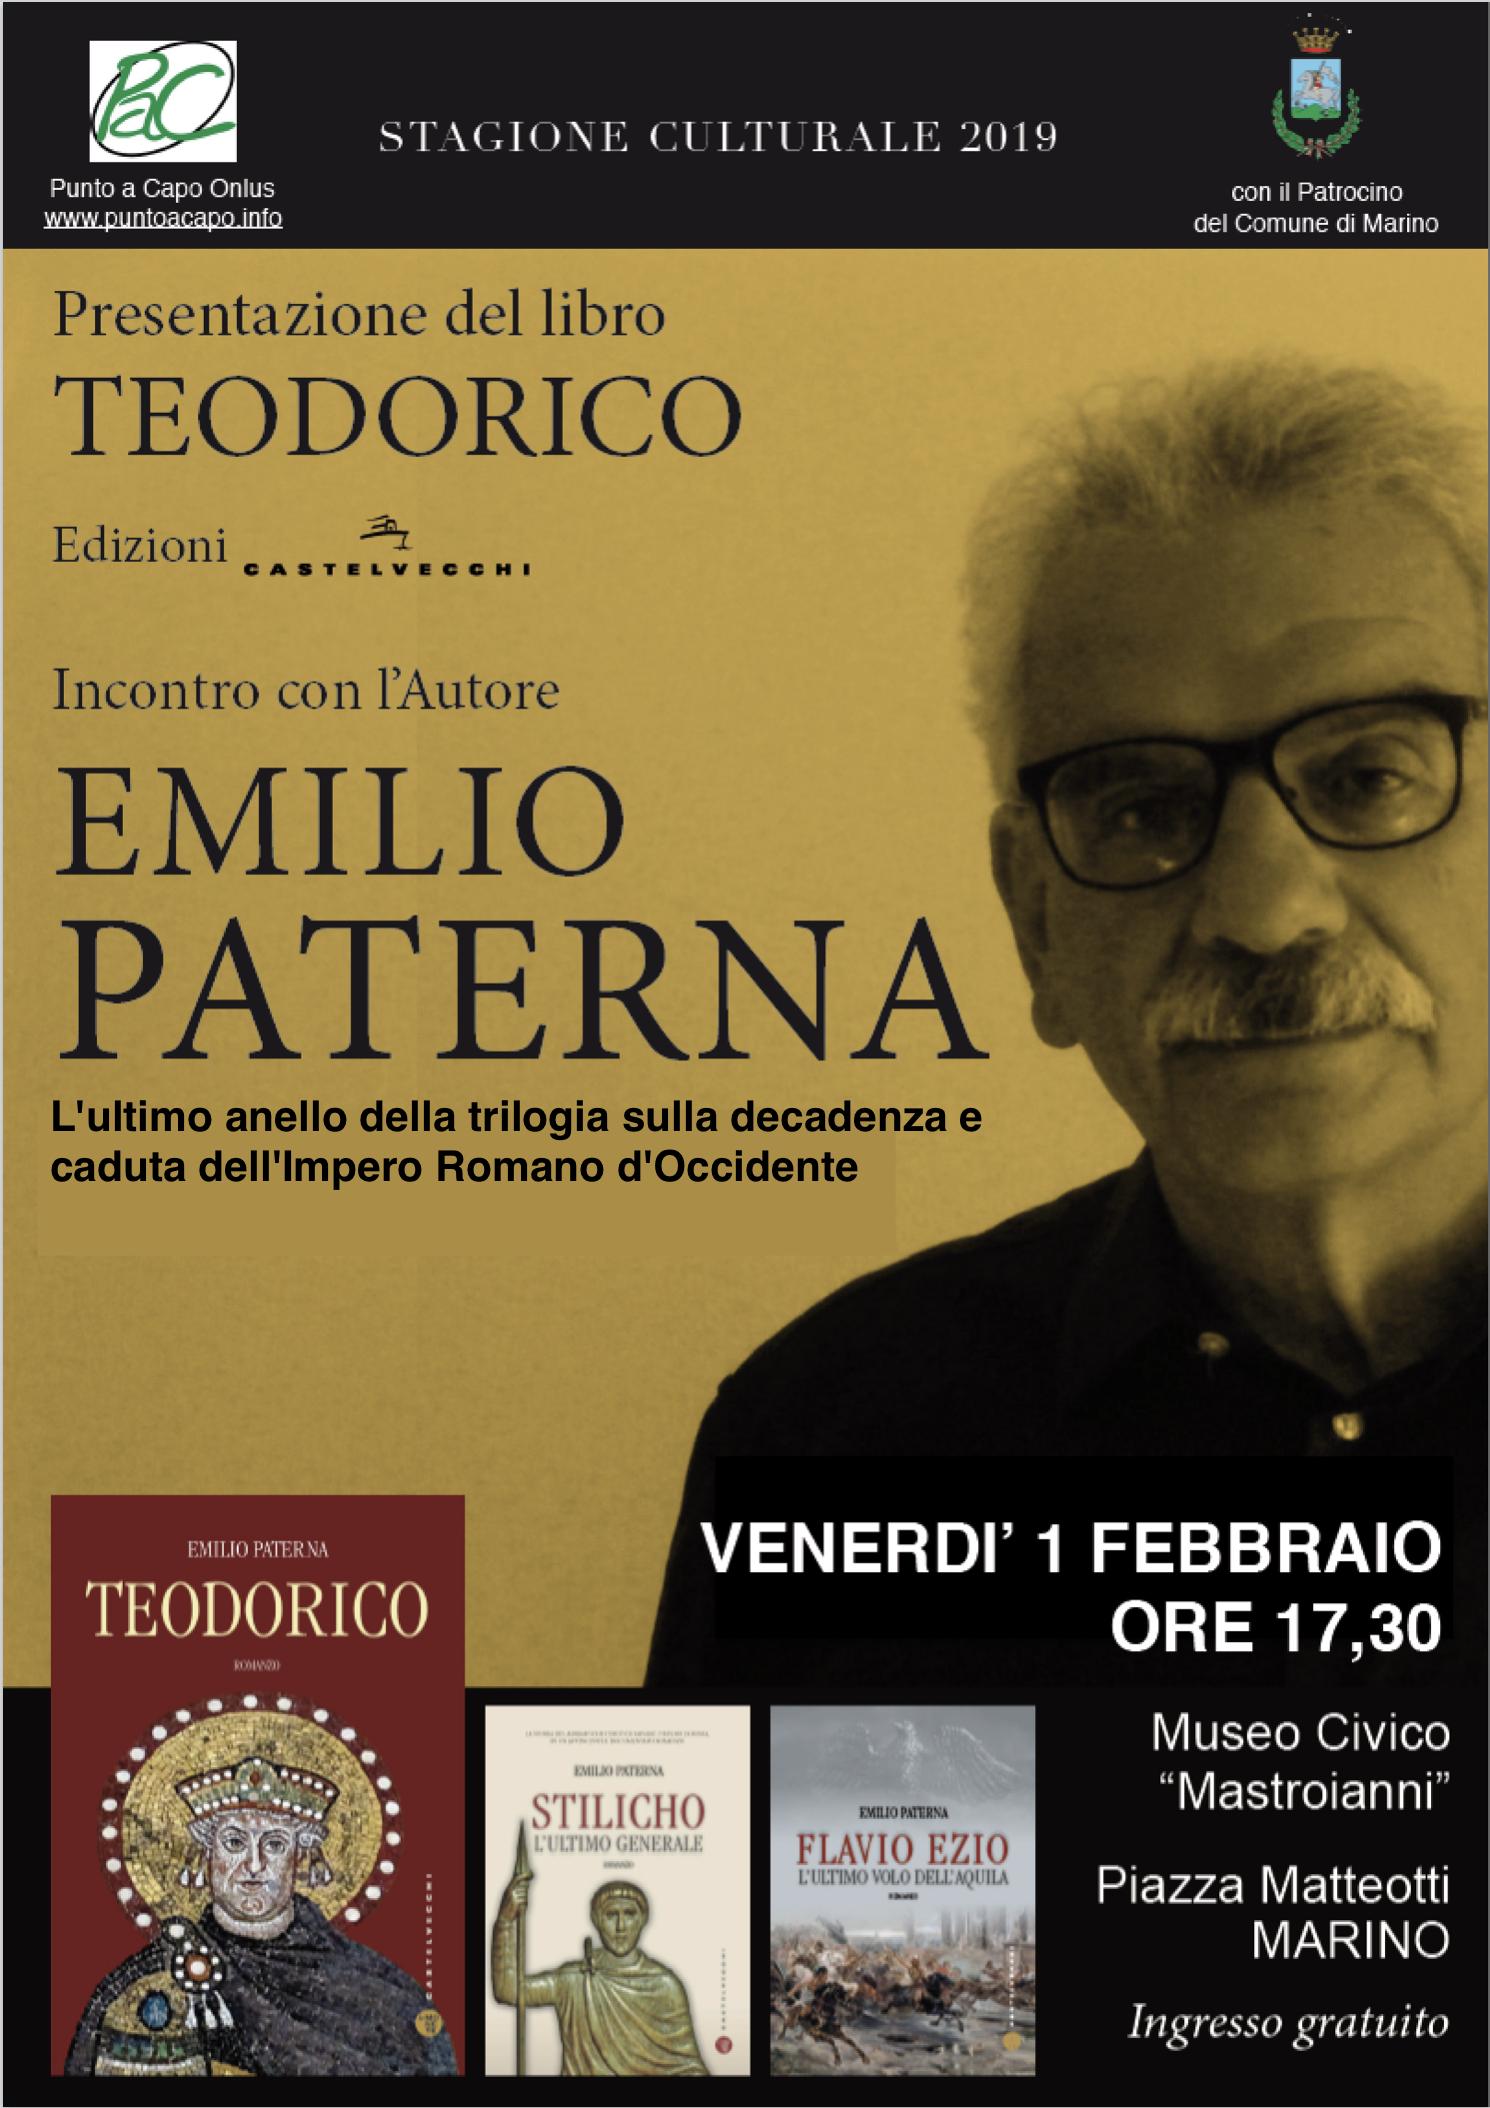 Marino: al Museo Civico Mastroianni, Emilio Paterna presenta il suo terzo libro della saga sull'Impero Romano TEODORICO